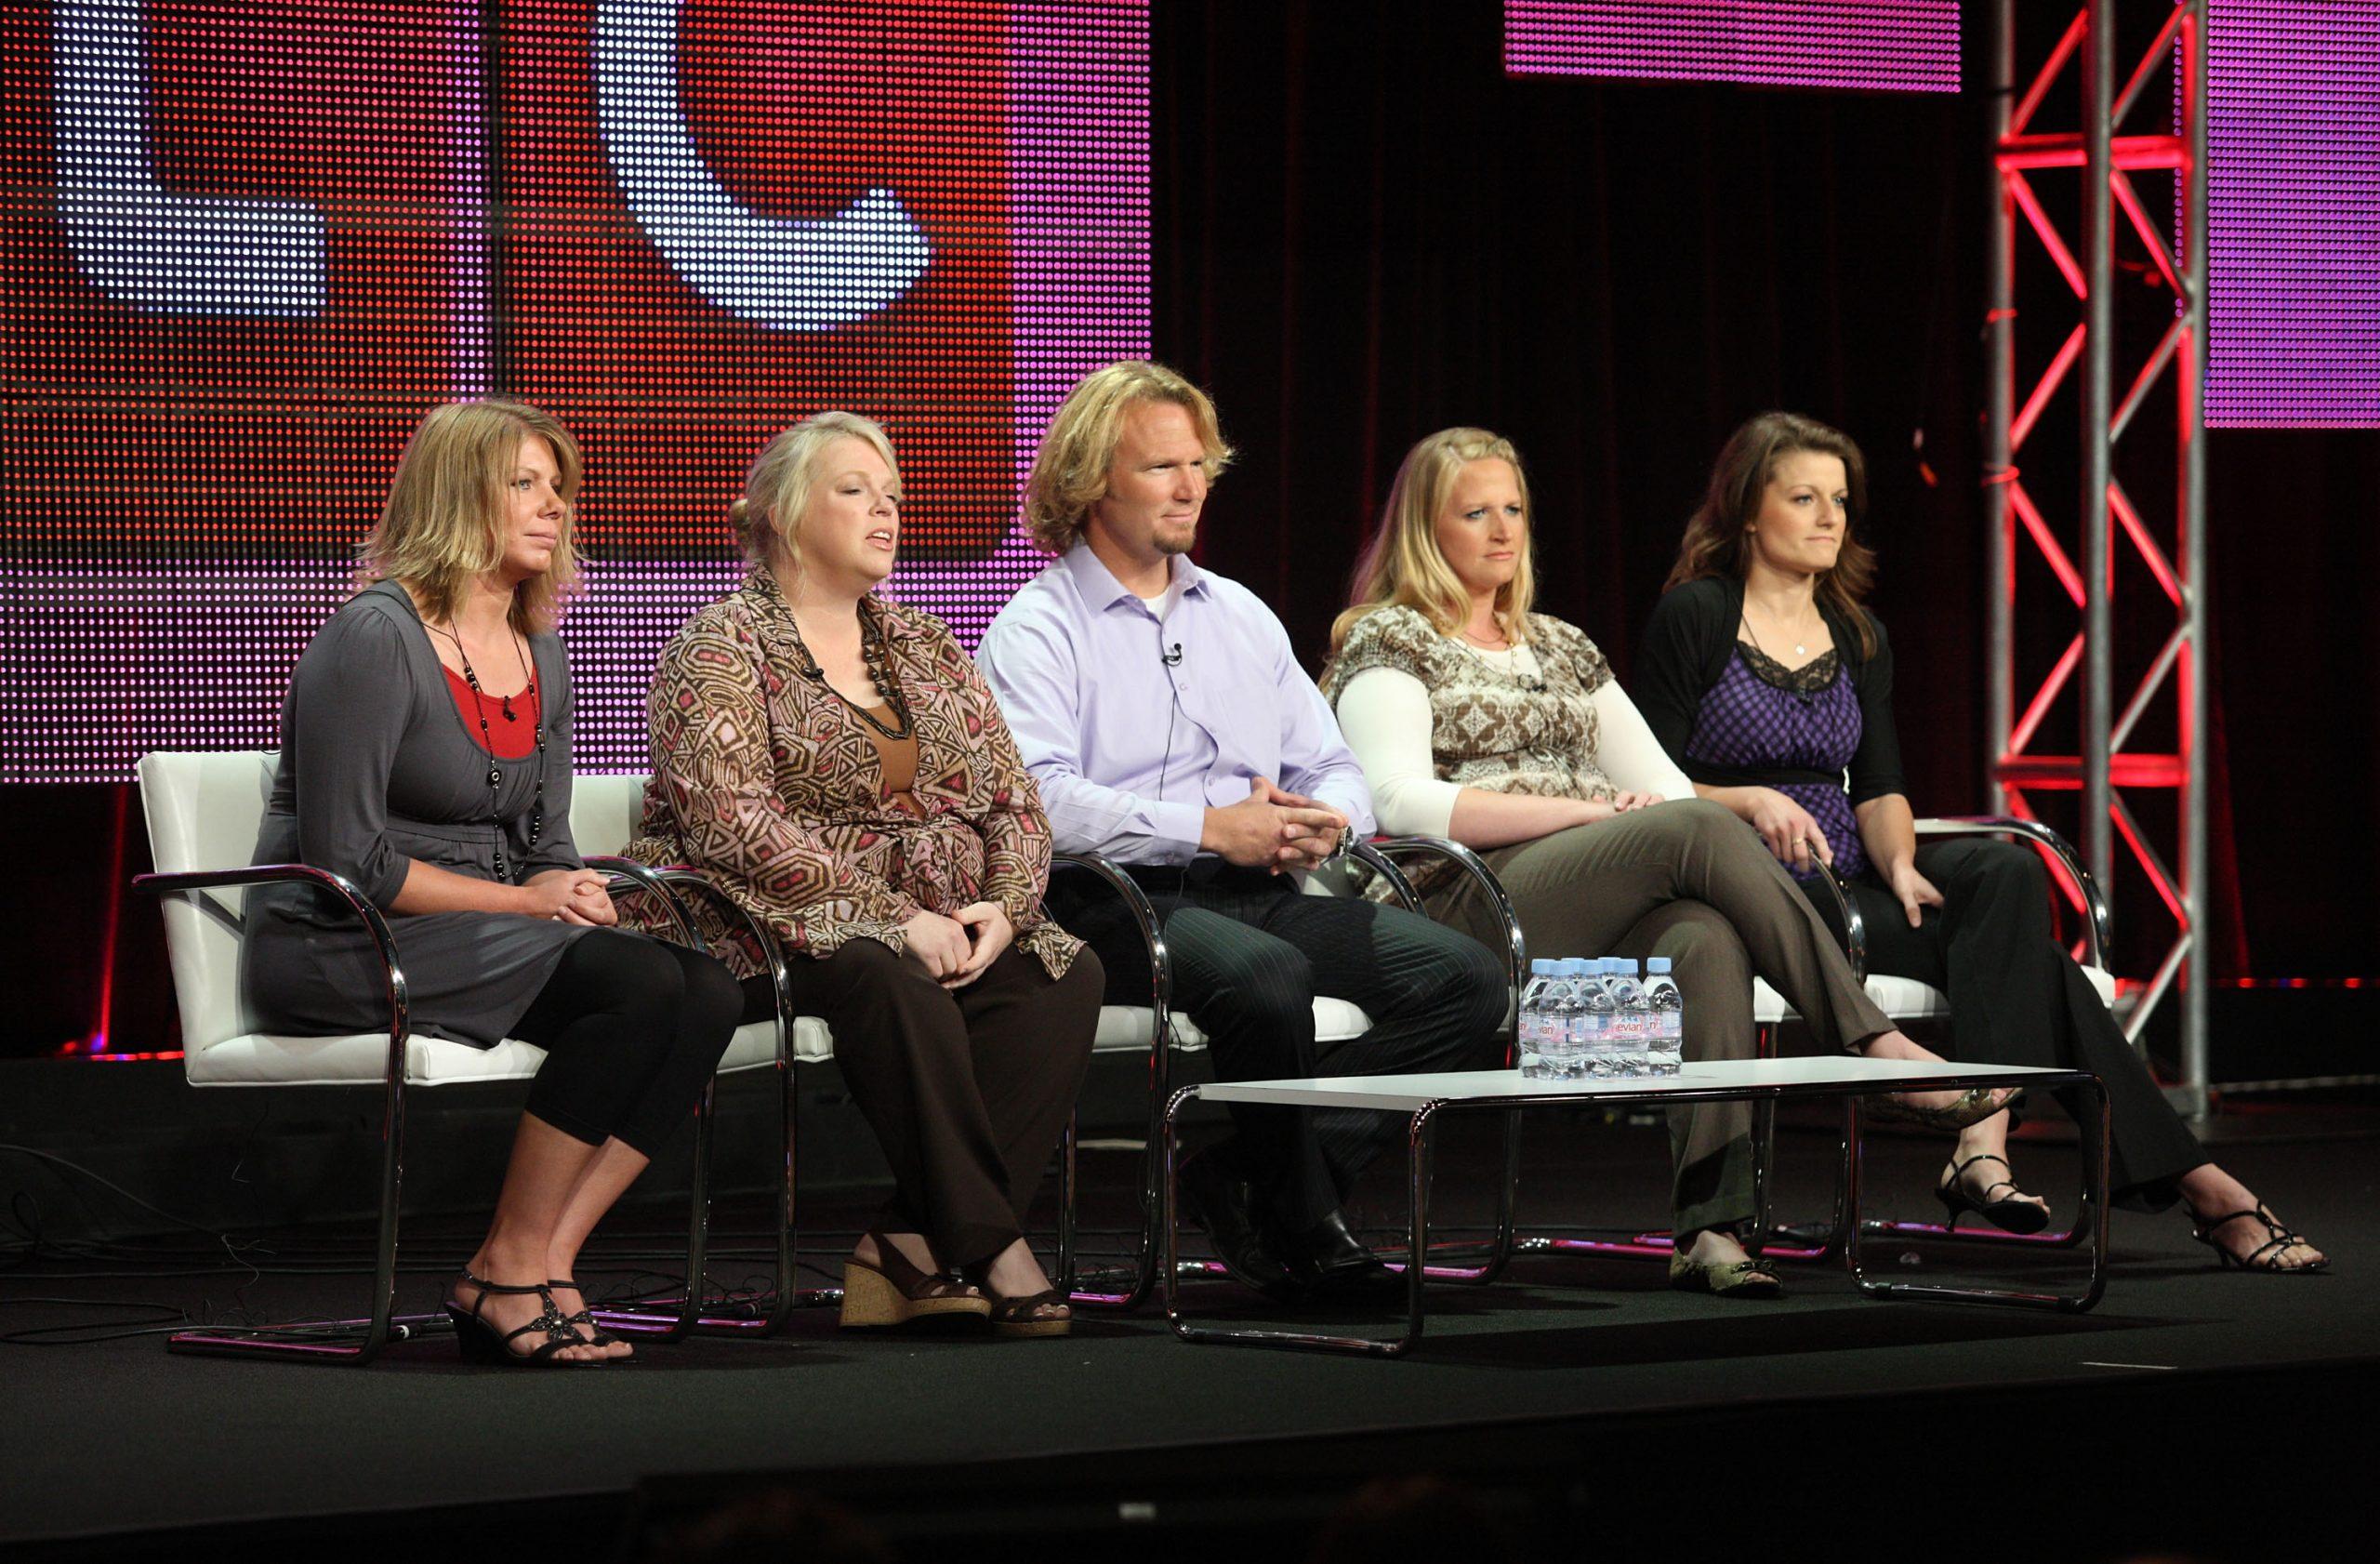 Meri Brown, Janelle Brown, Kody Brown, Christine Brown, and Robyn Brown of Sister Wives